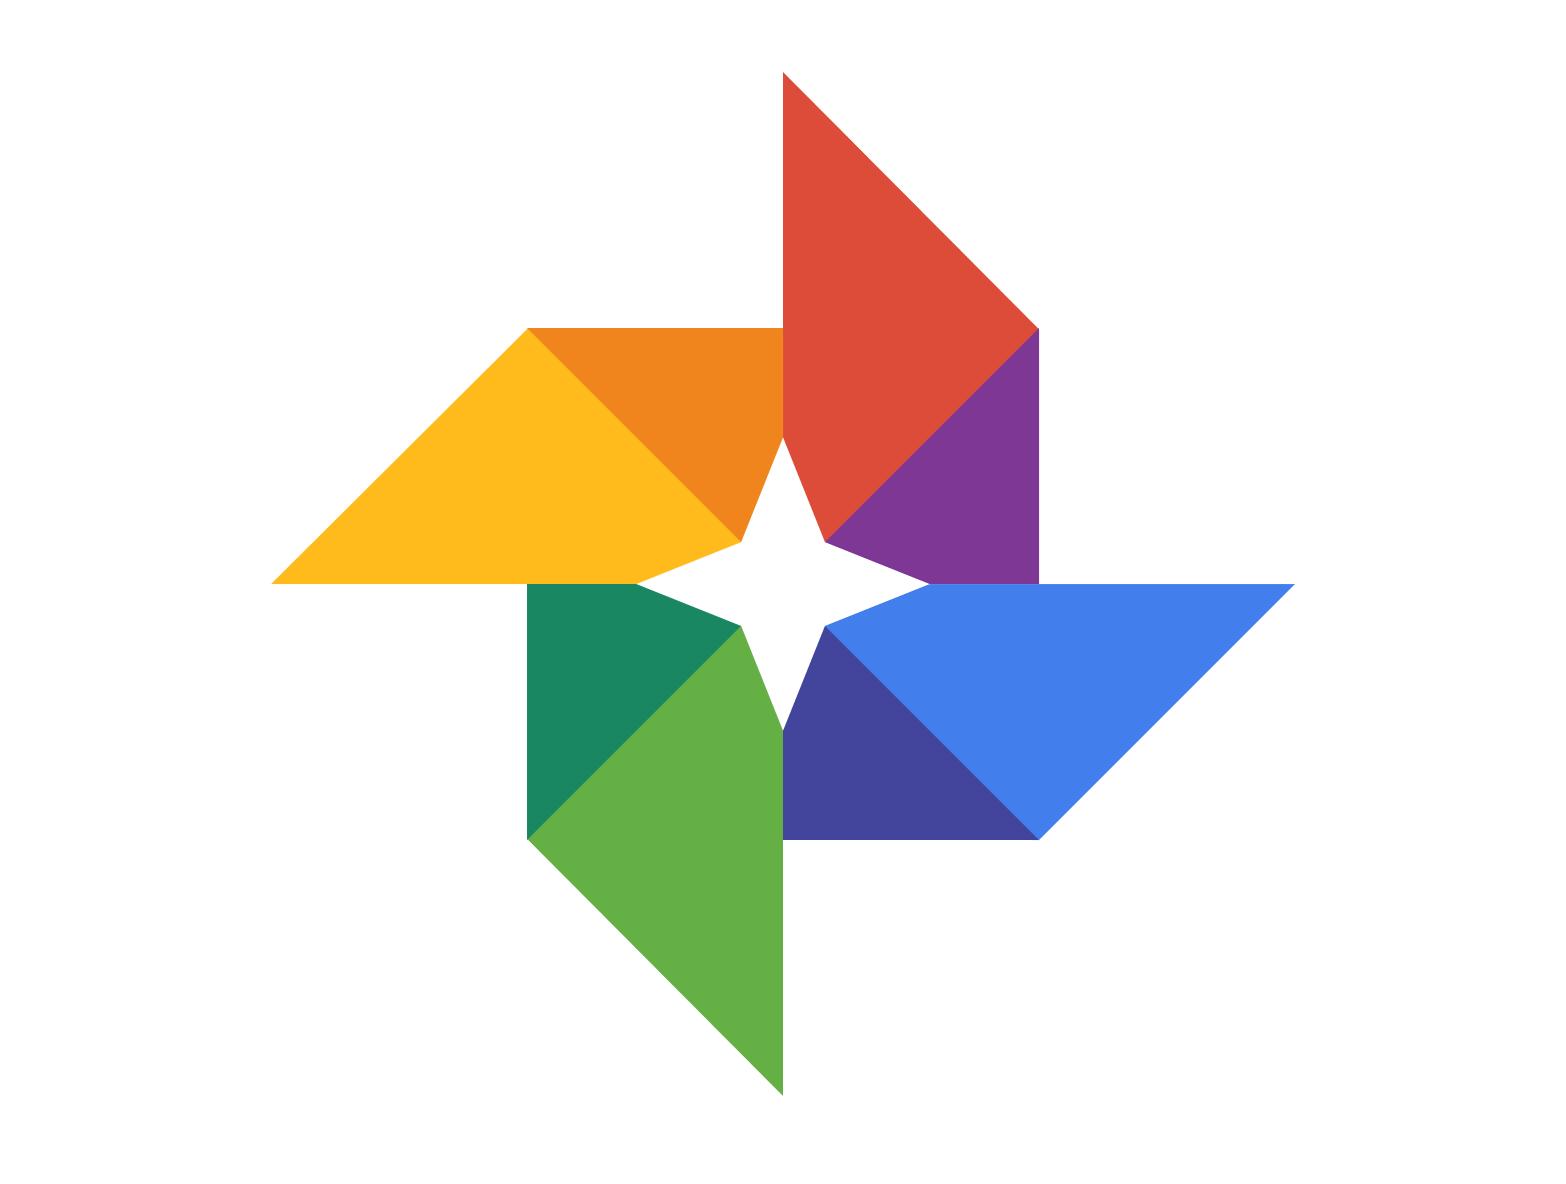 برنامج Google Photos أصبح منافس قوي للإنستغرام instgram